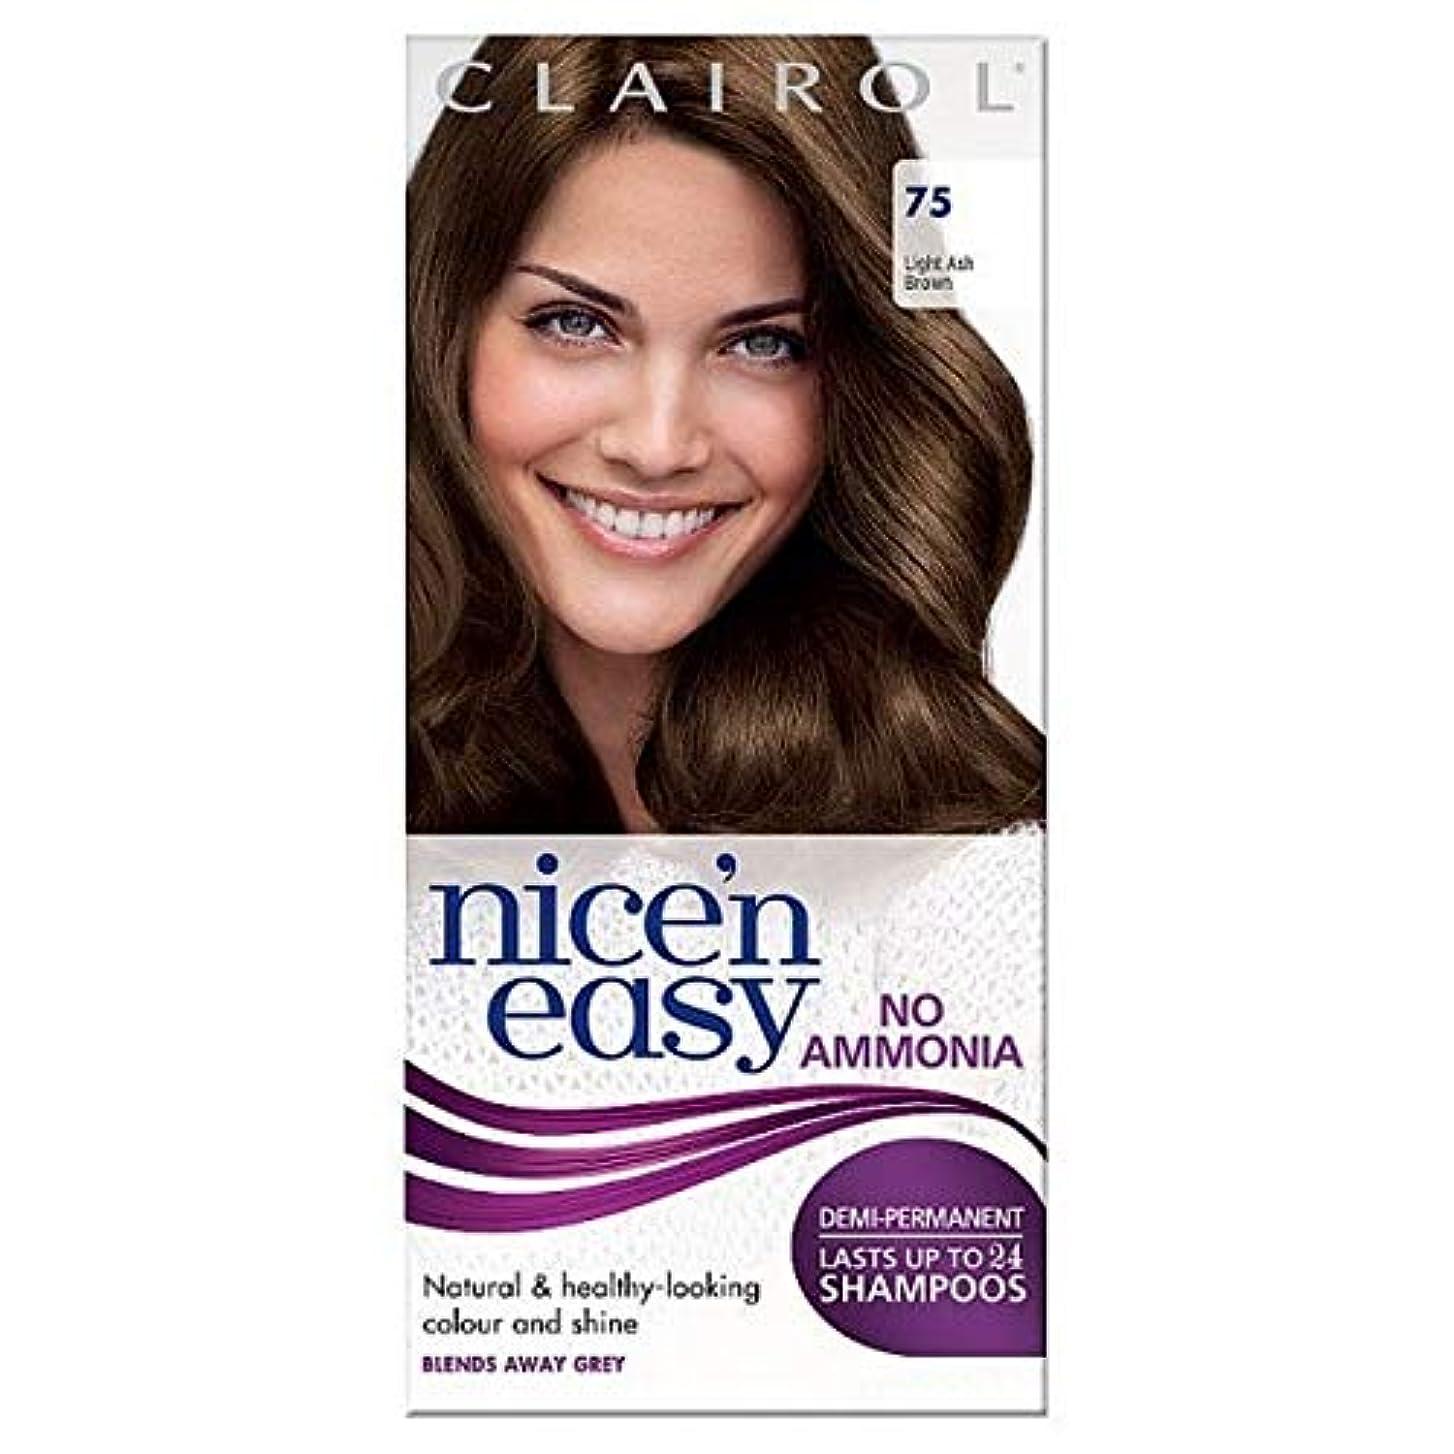 バーチャル歯車権利を与える[Nice'n Easy] Nice'N簡単に何のアンモニアの染毛剤光アッシュブラウンません75 - Nice'n Easy No Ammonia Hair Dye Light Ash Brown 75 [並行輸入品]